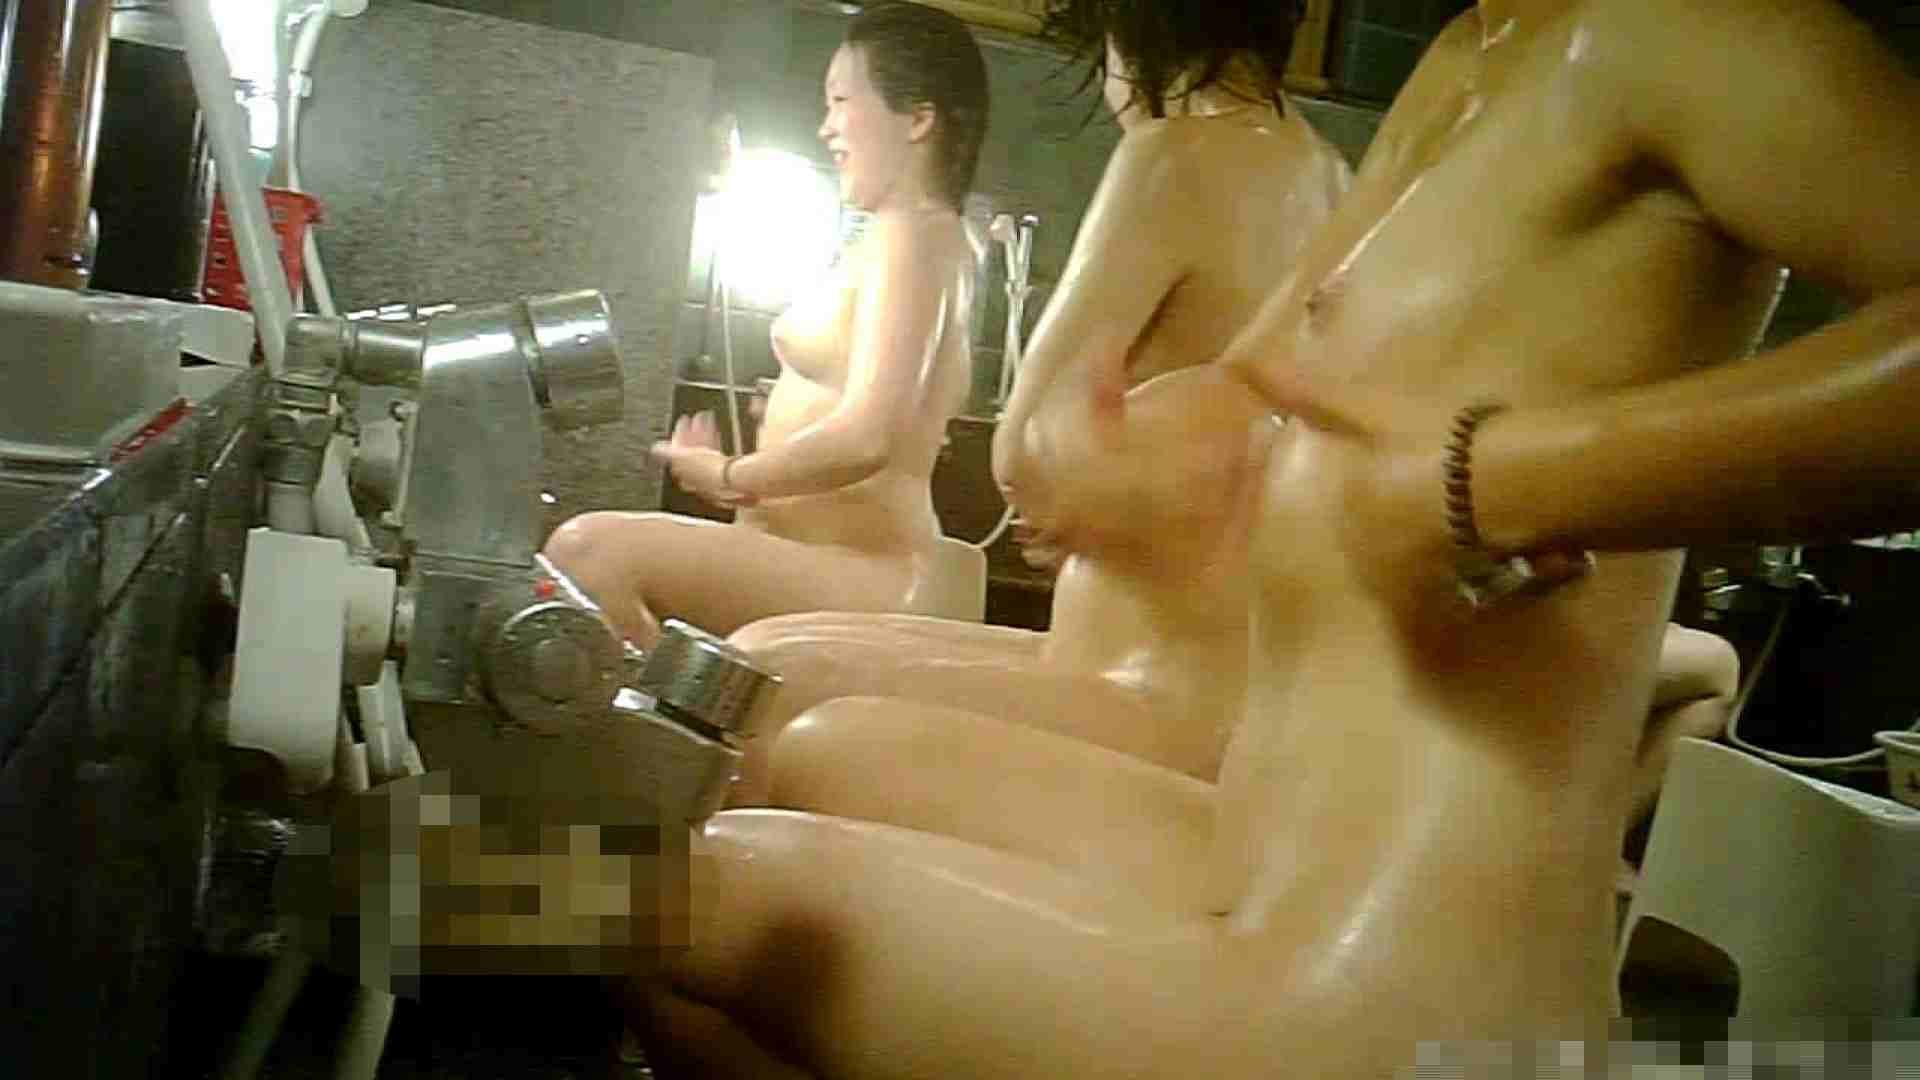 手を染めてしまった女性盗撮師の女風呂潜入記 vol.006 潜入 セックス画像 100PIX 74